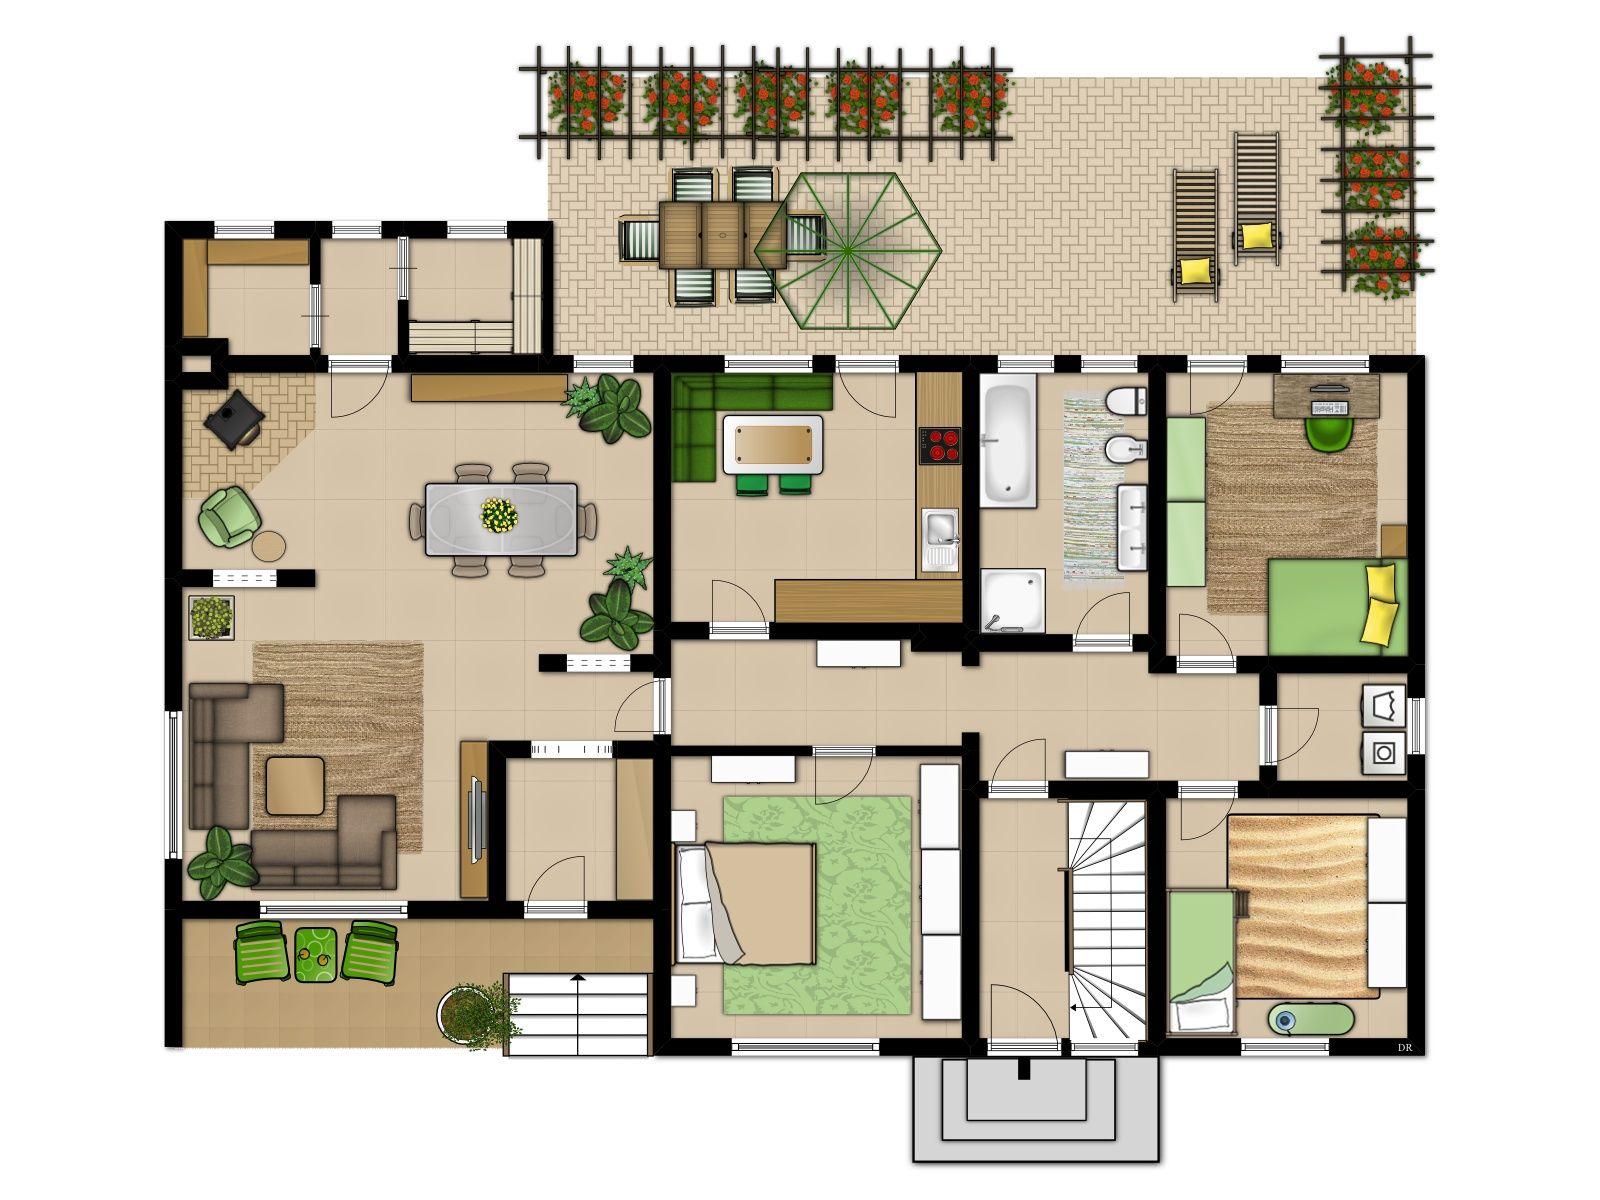 2Familienhaus, Grundriss, Einrichtungsvorschlag